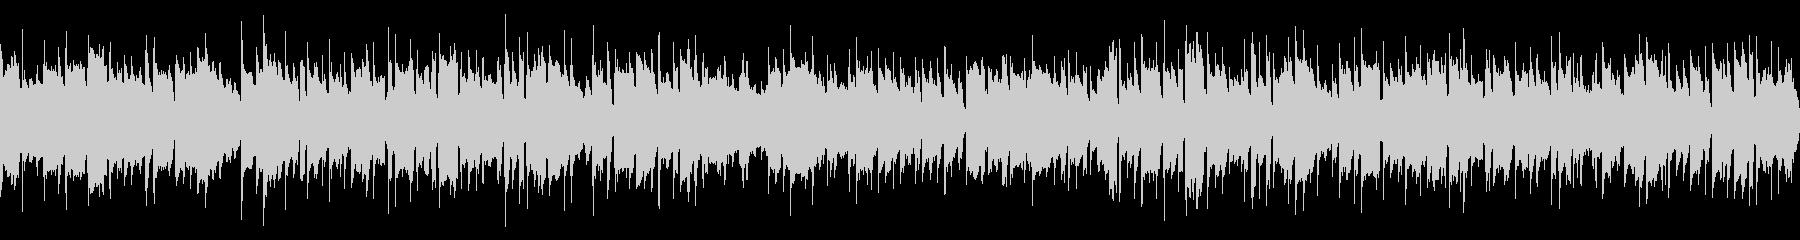 ほのぼのRPGの村ループ(リメイク版)の未再生の波形